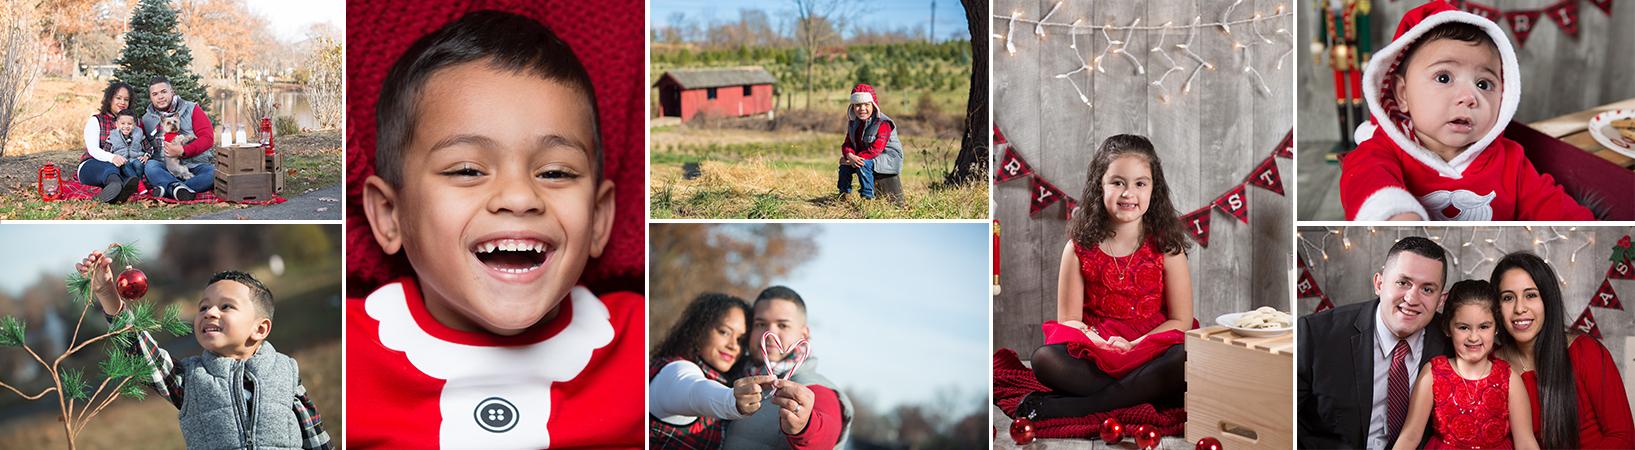 Christmas_photography.jpg